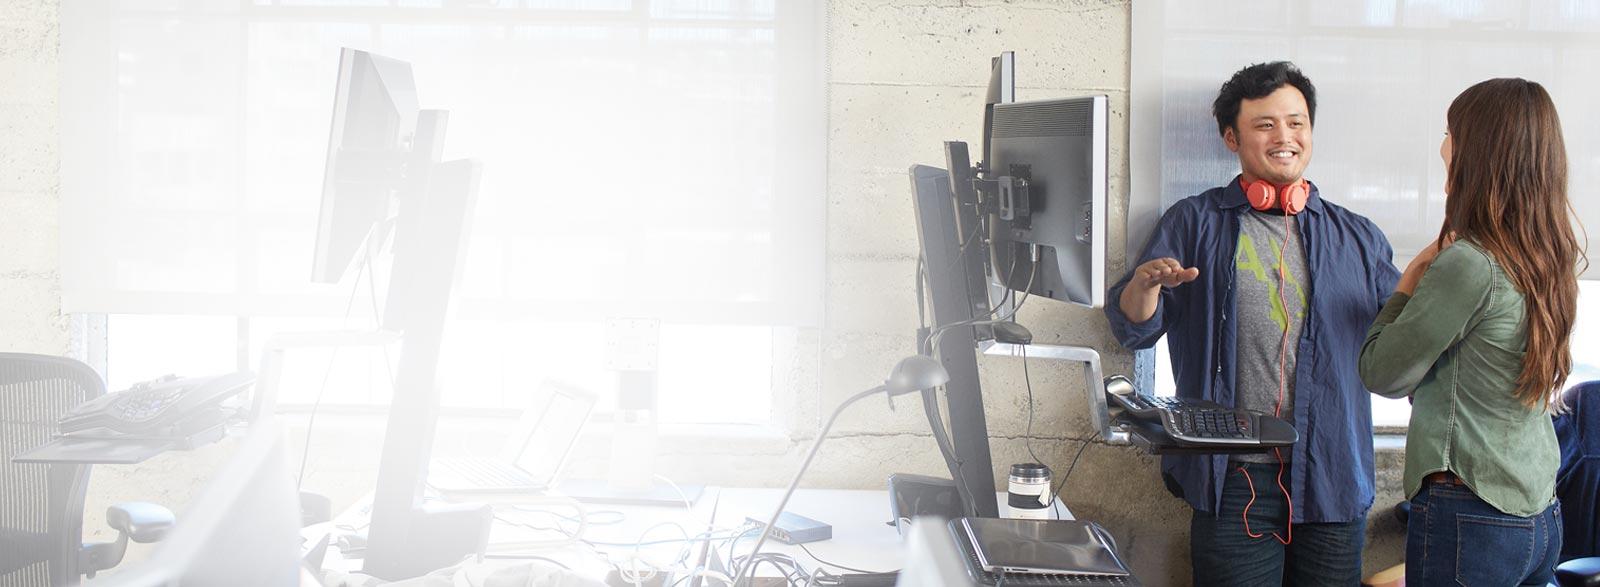 En mand og en kvinde står på et kontor og arbejder med Office 365 Business Premium.